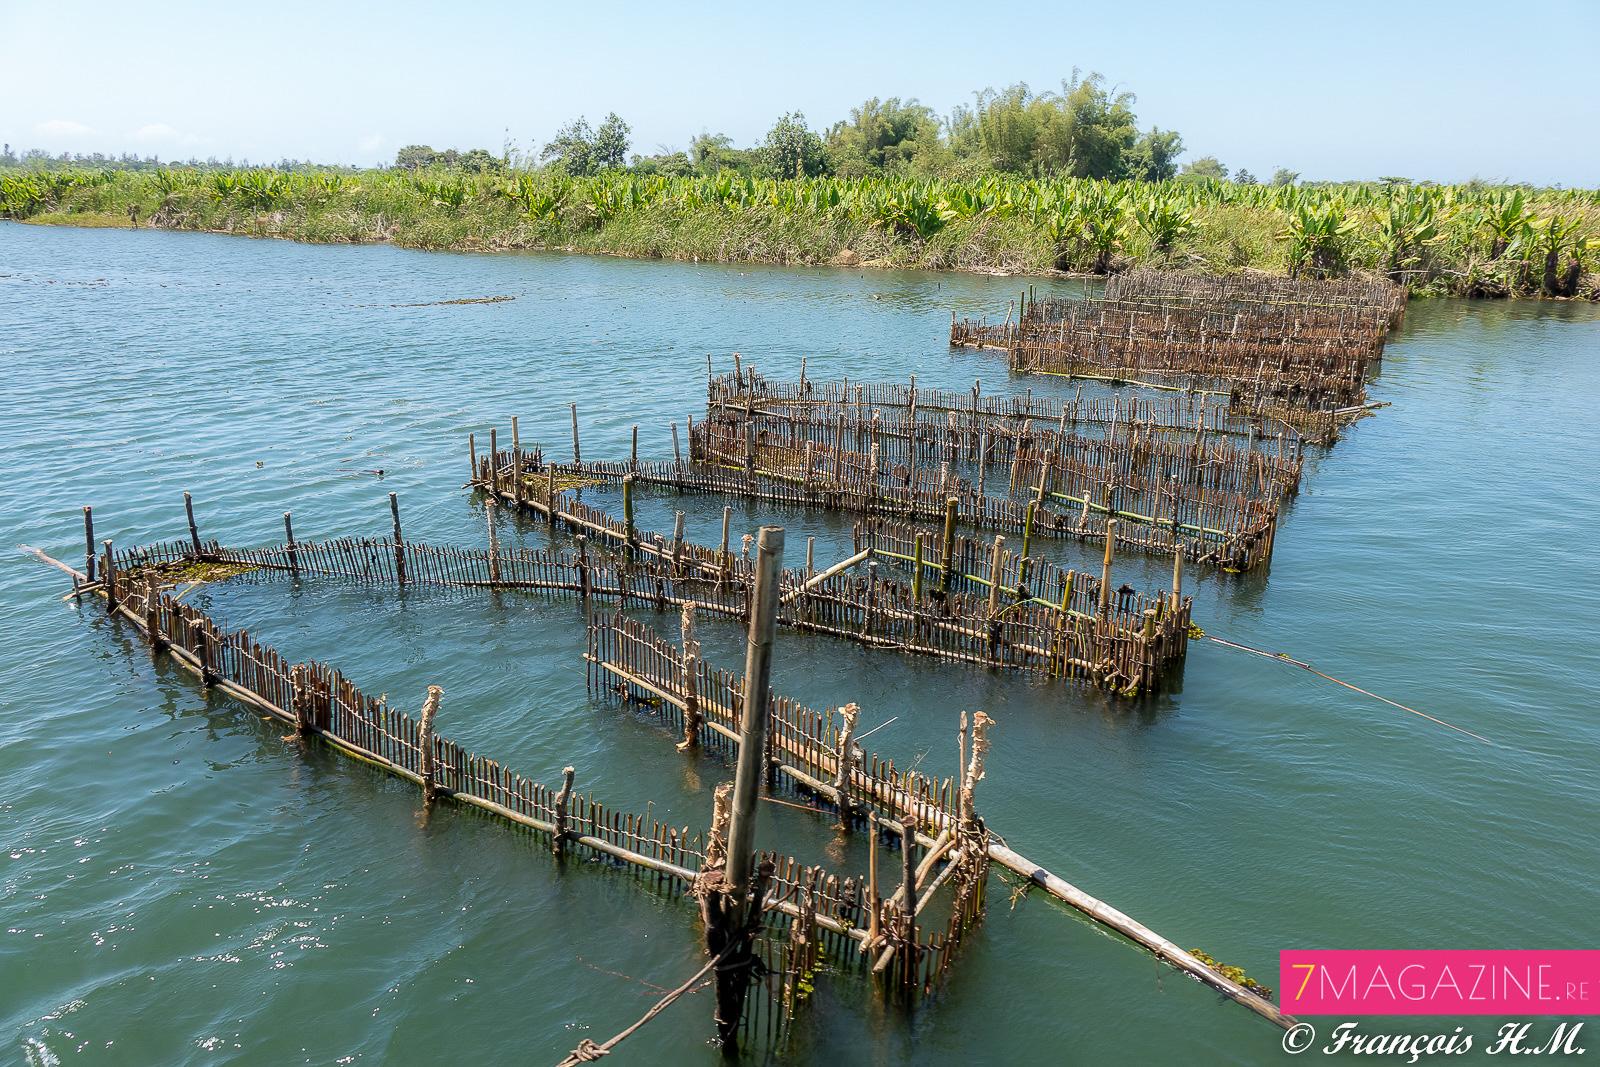 Tout le long du canal, les installations des pêcheurs